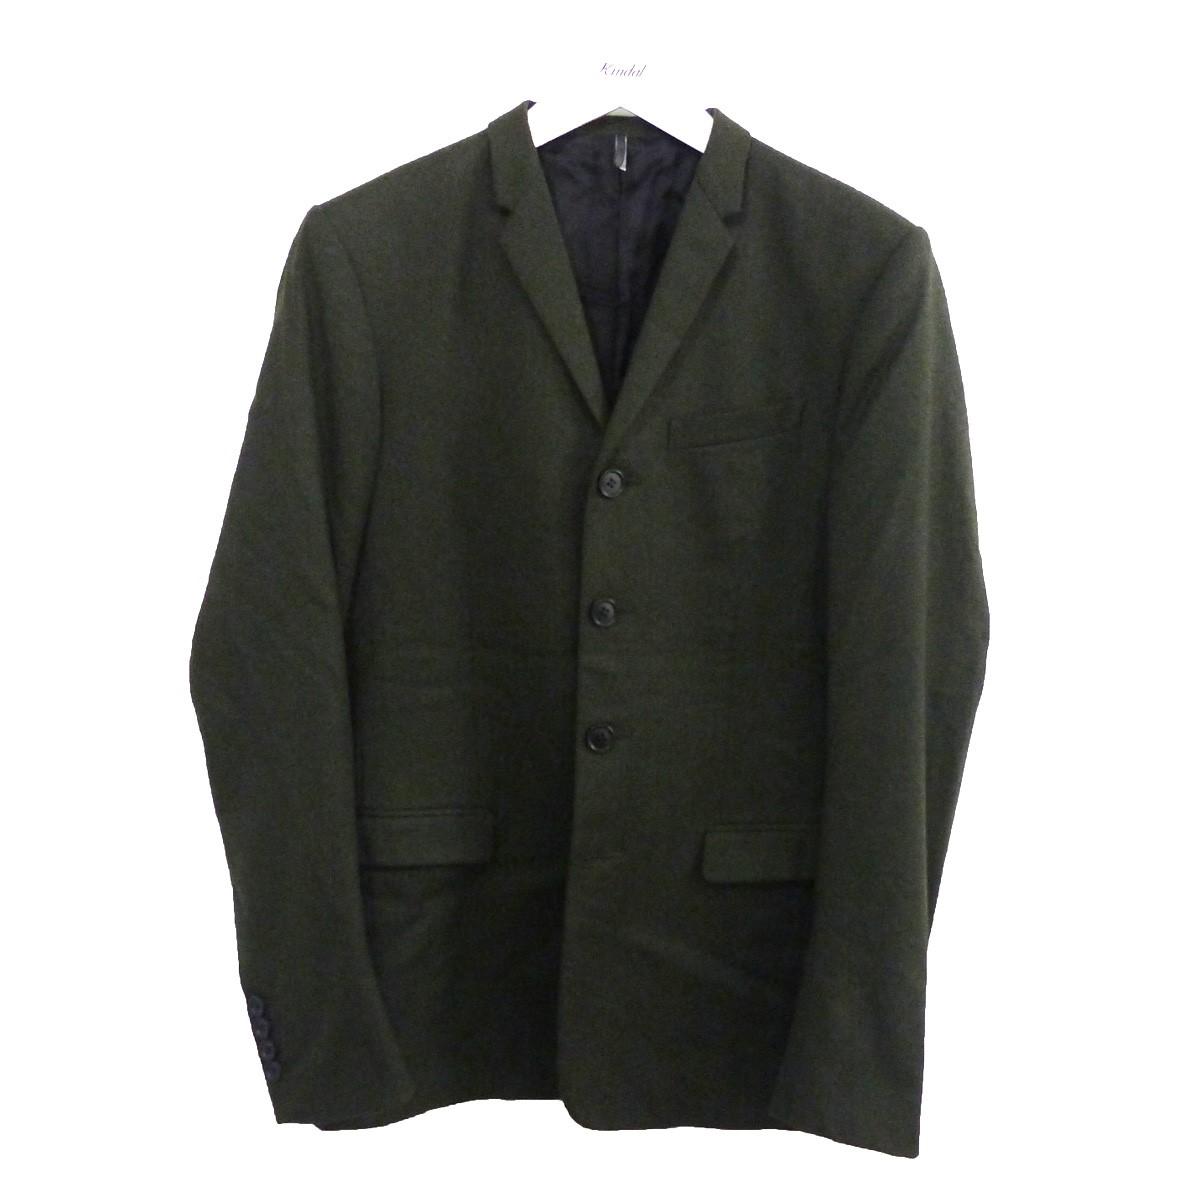 【中古】Dior Homme ノッチドラペル4Bジャケット カーキ サイズ:44 【250720】(ディオールオム)